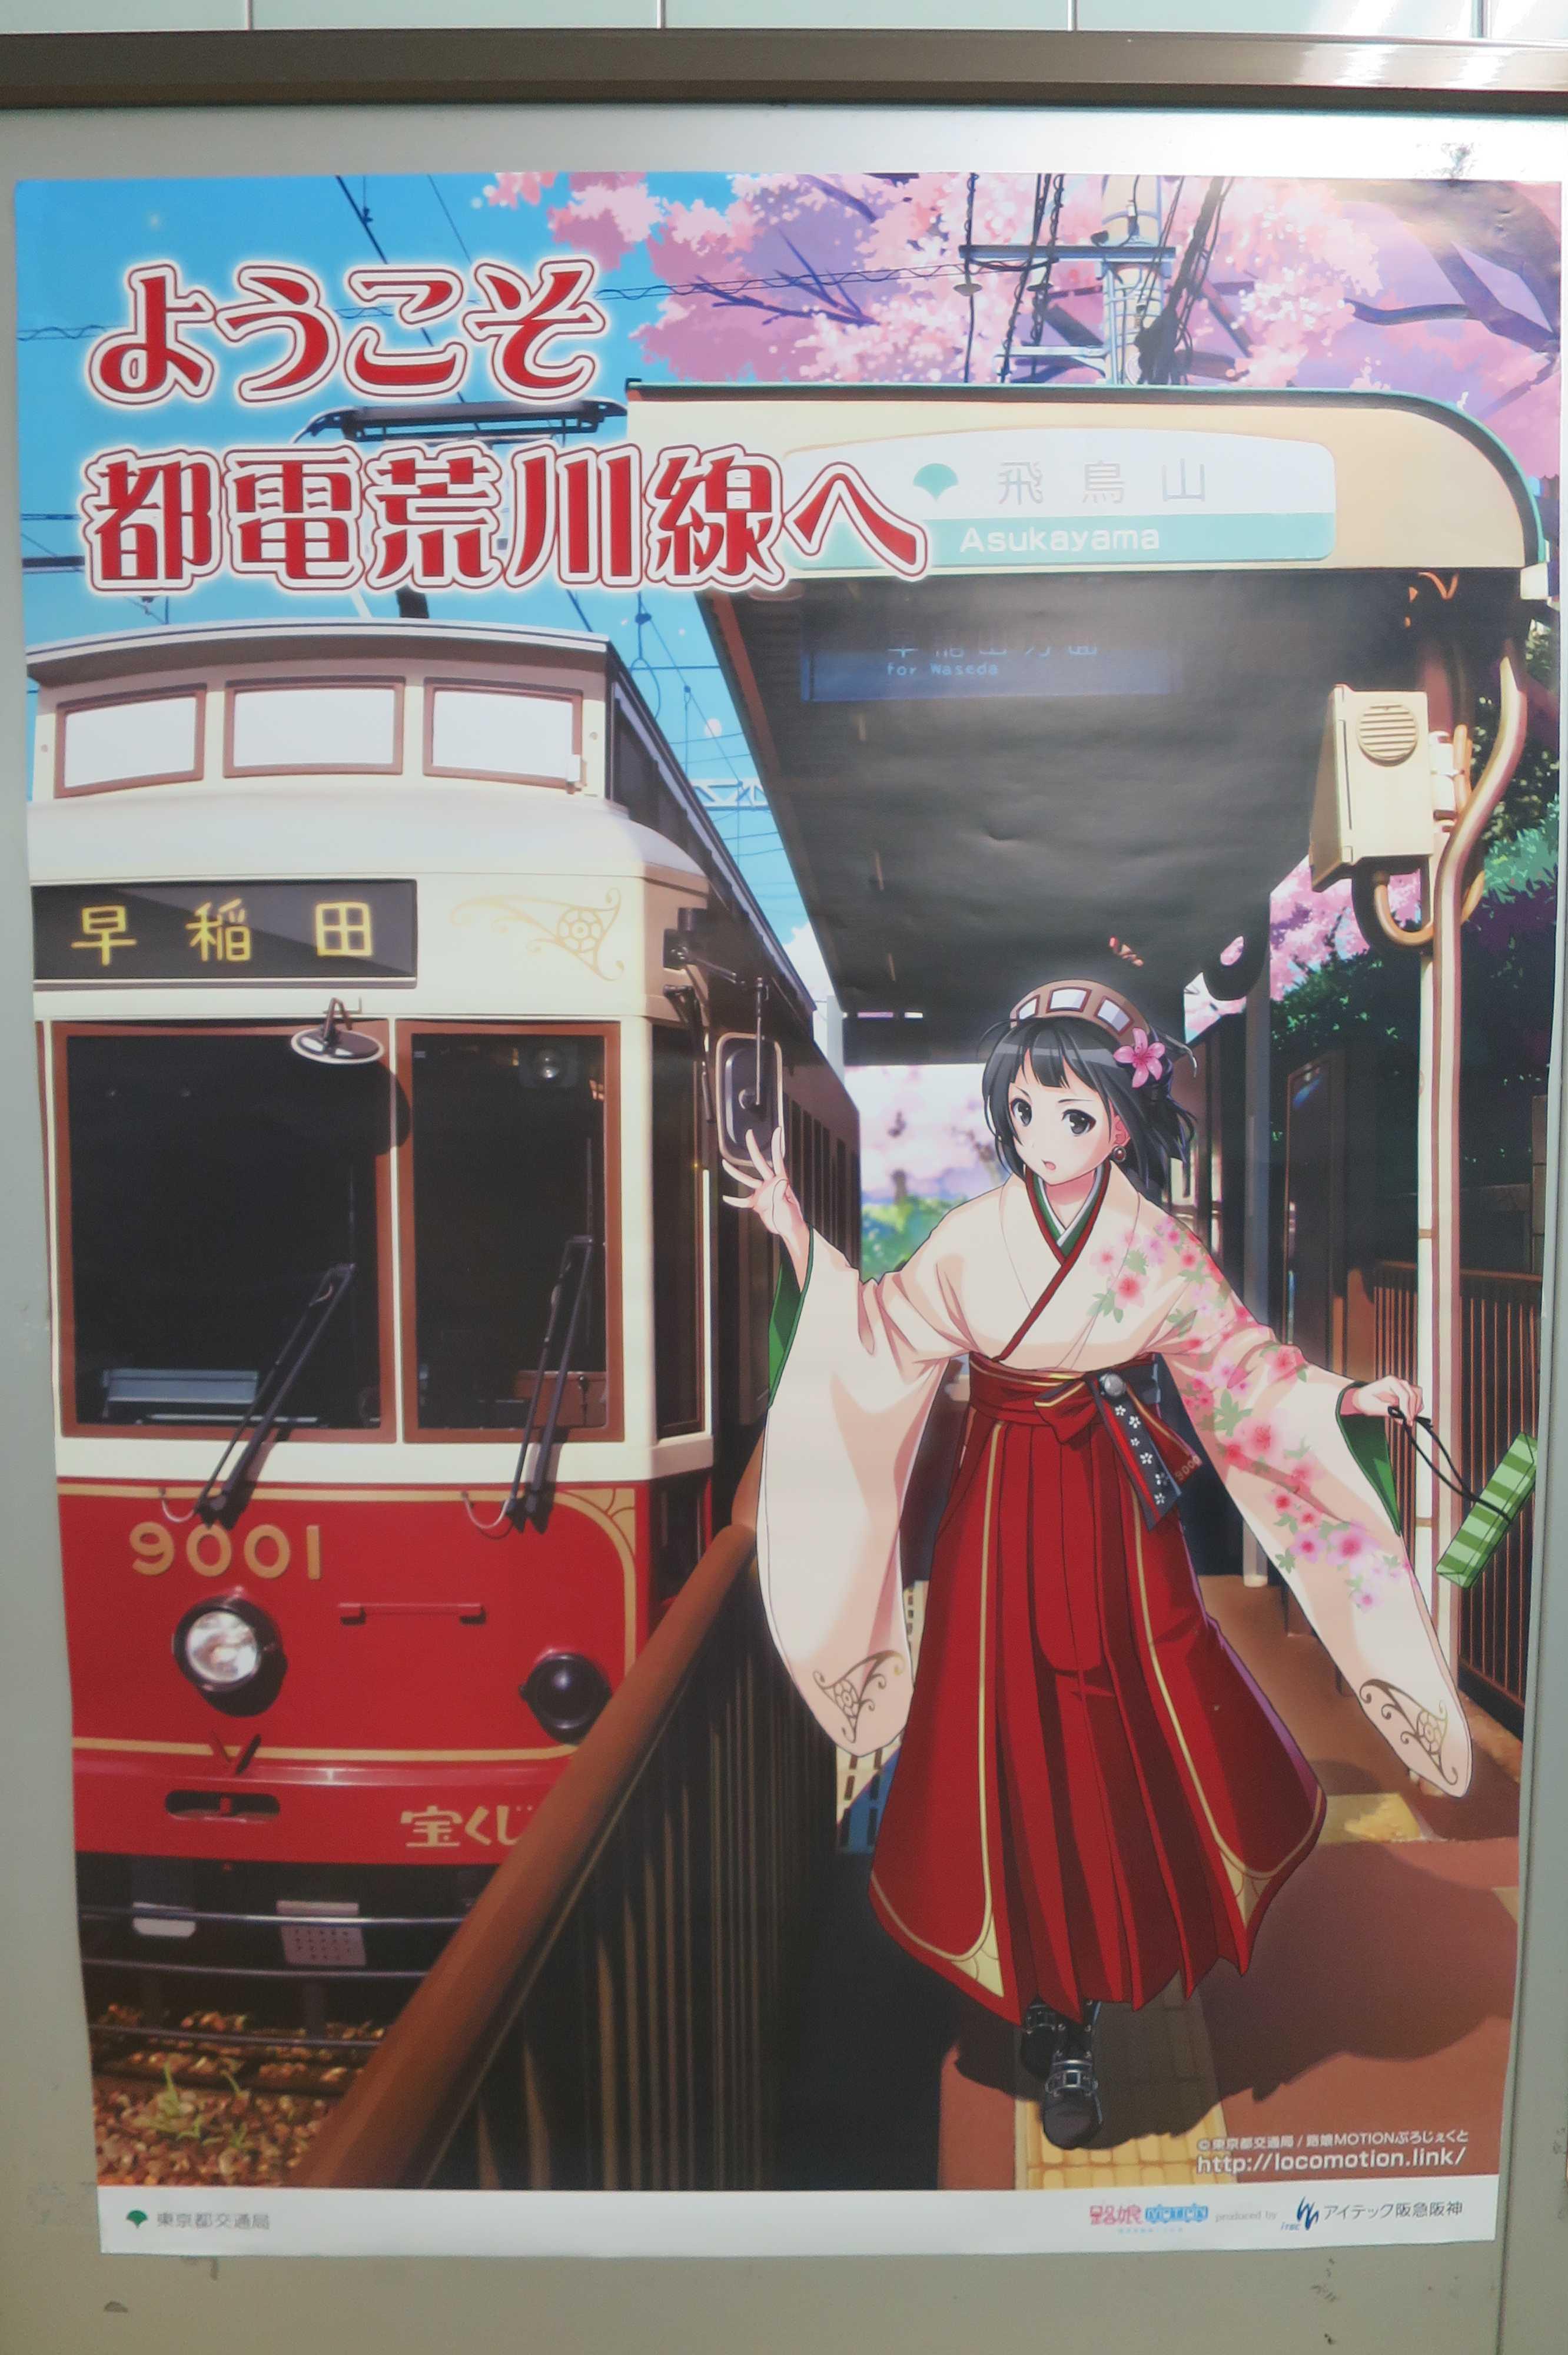 築地エリア - 「ようこそ都電荒川線へ」東京都交通局の都電荒川線のポスター